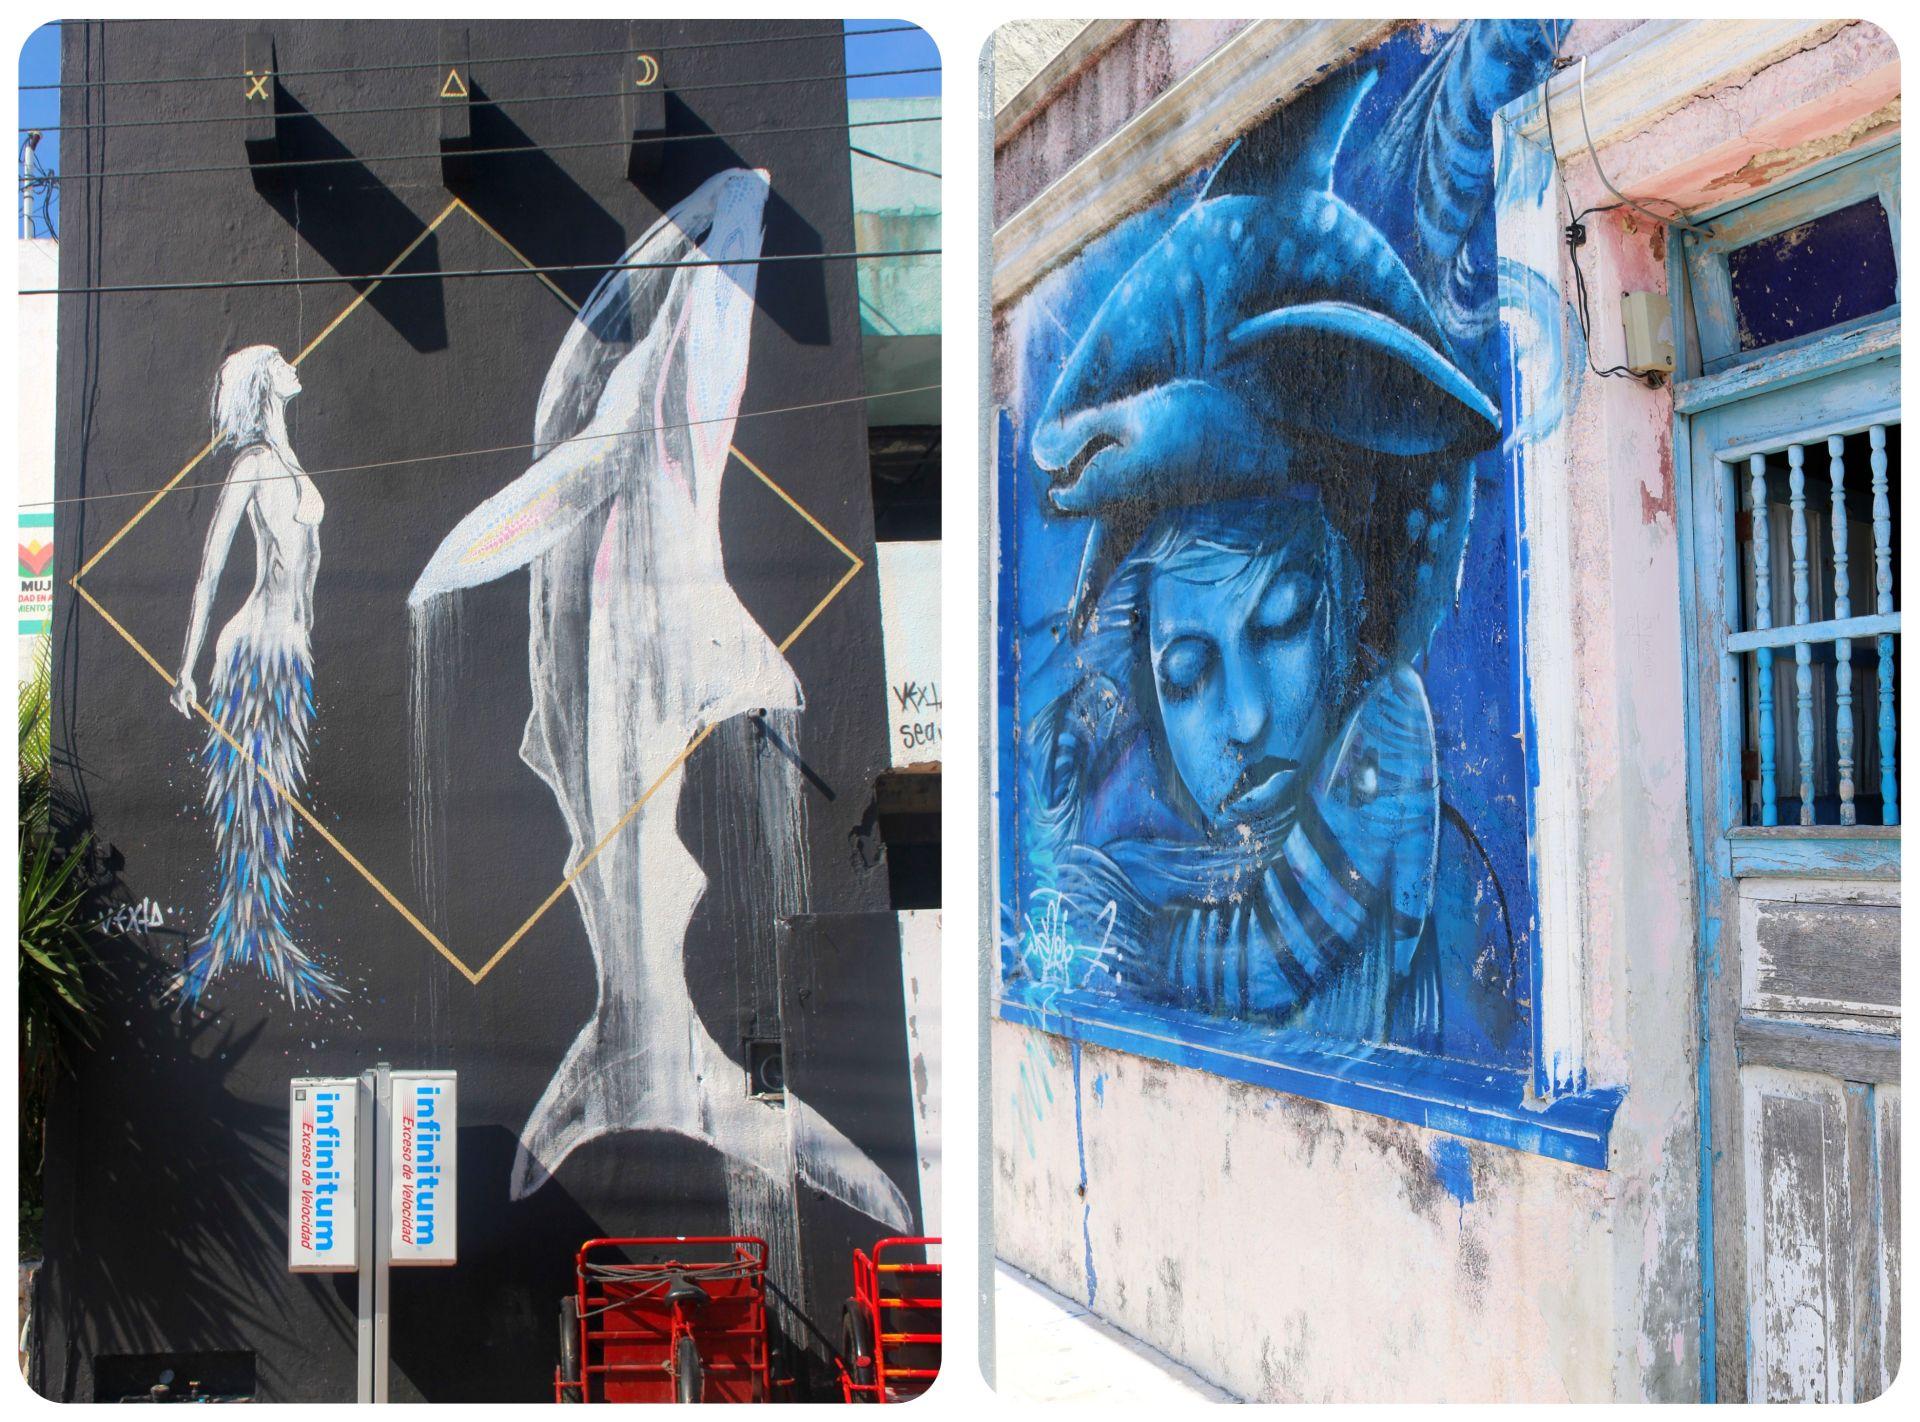 Street Art Isla Mujeres Mexico